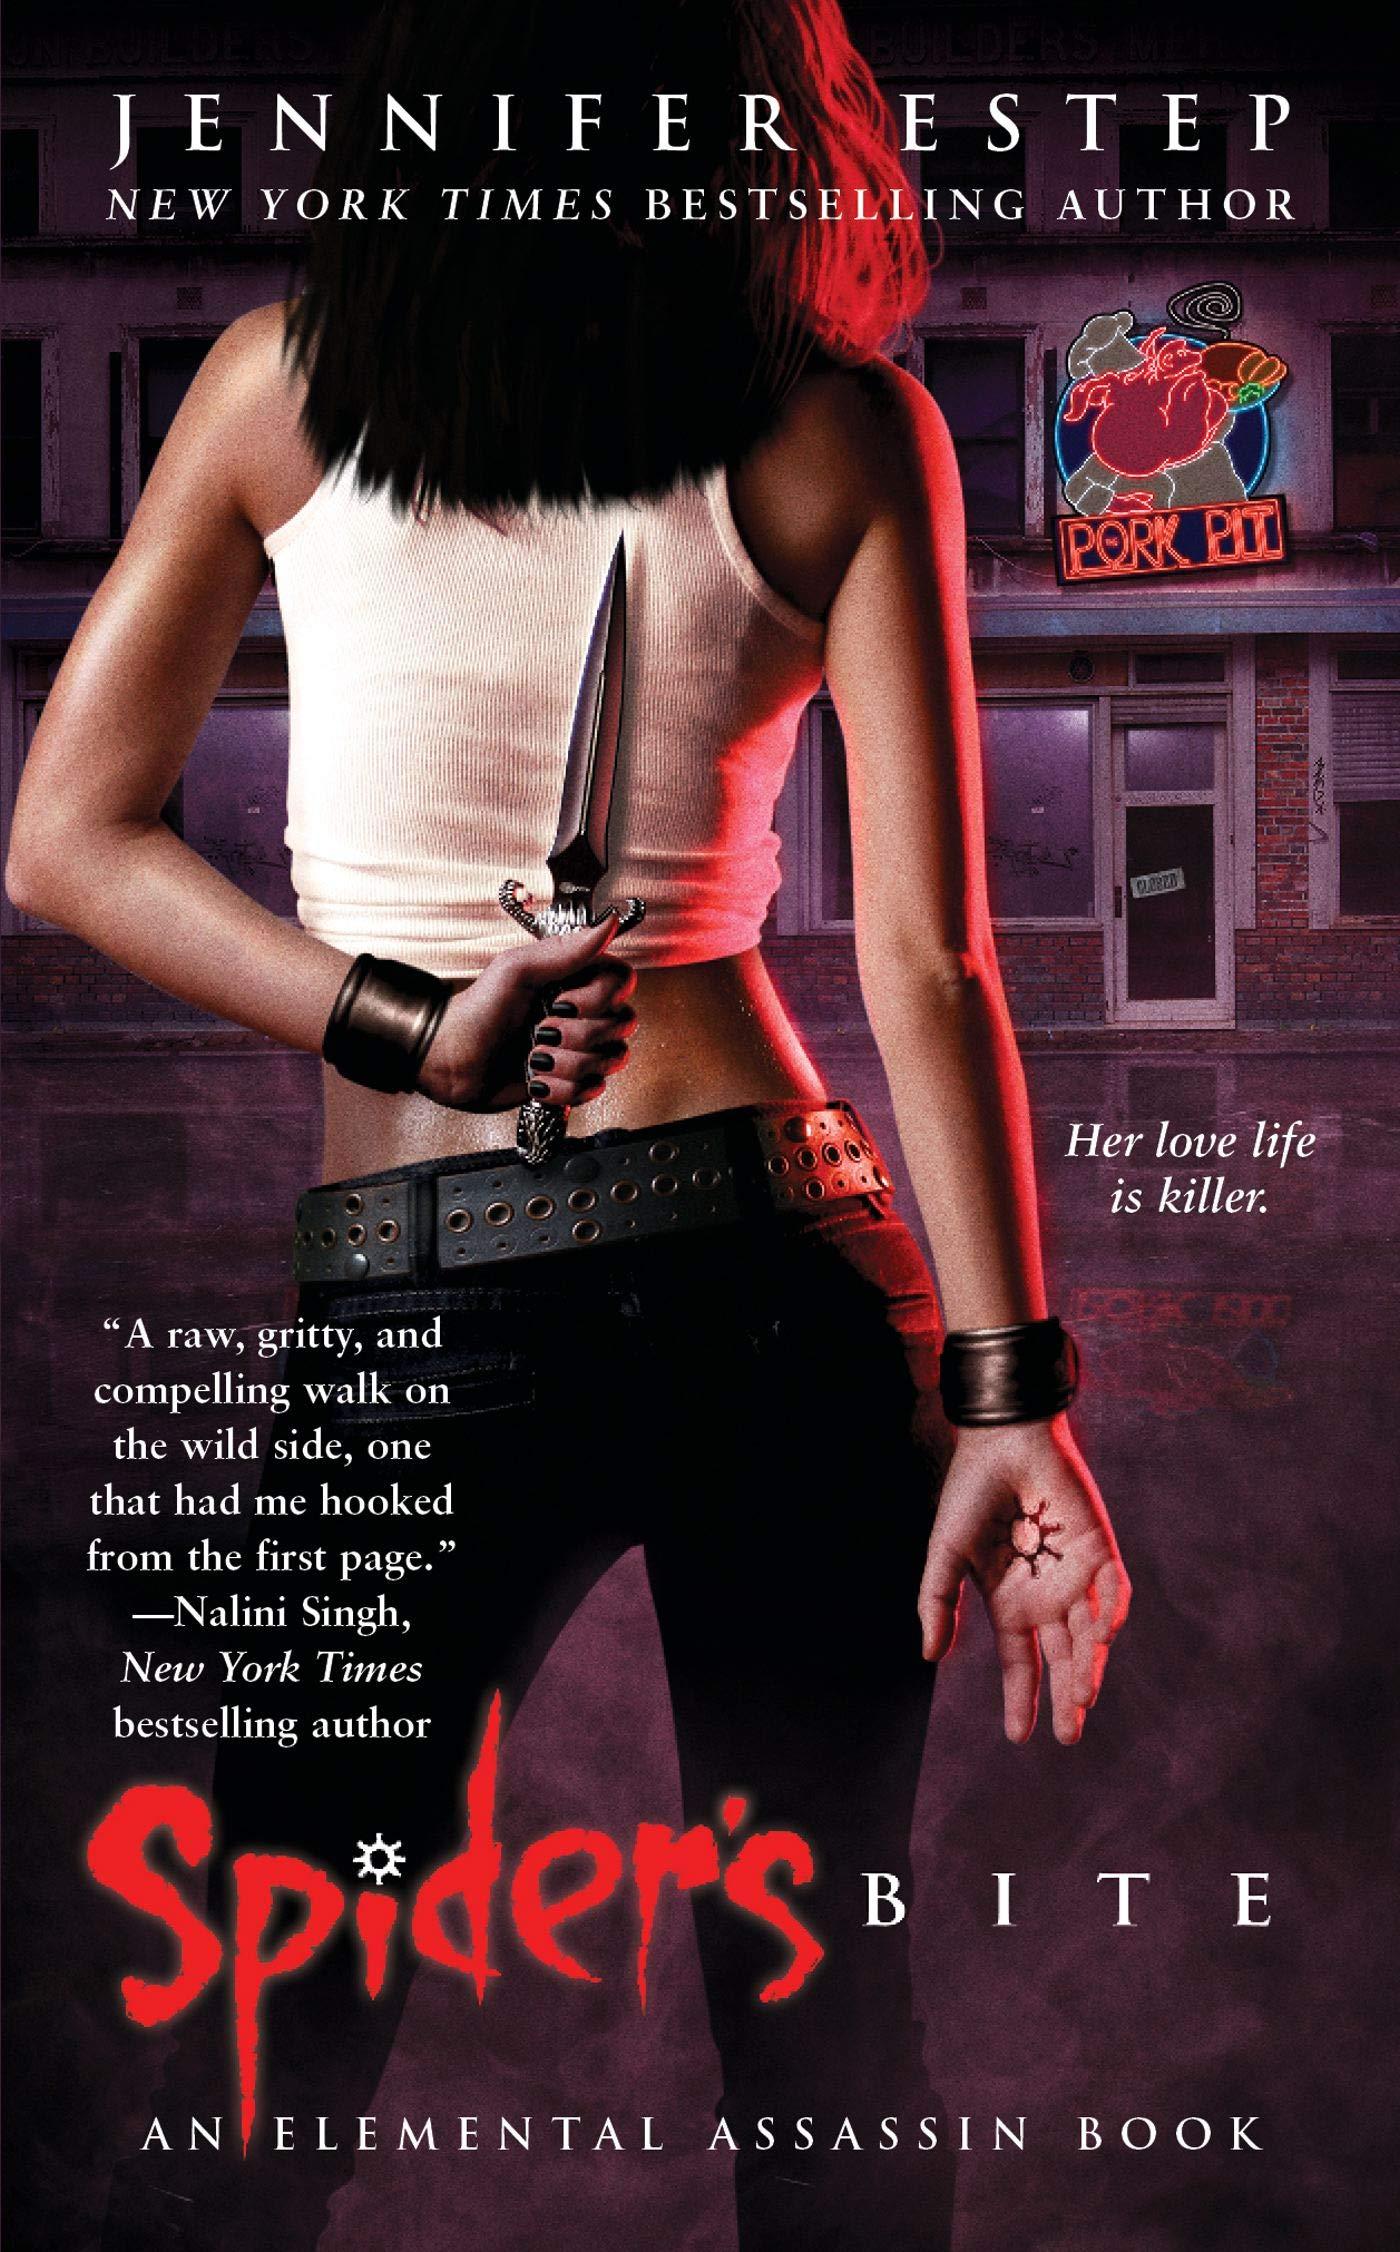 Ebook The Spider Elemental Assassin 10 By Jennifer Estep